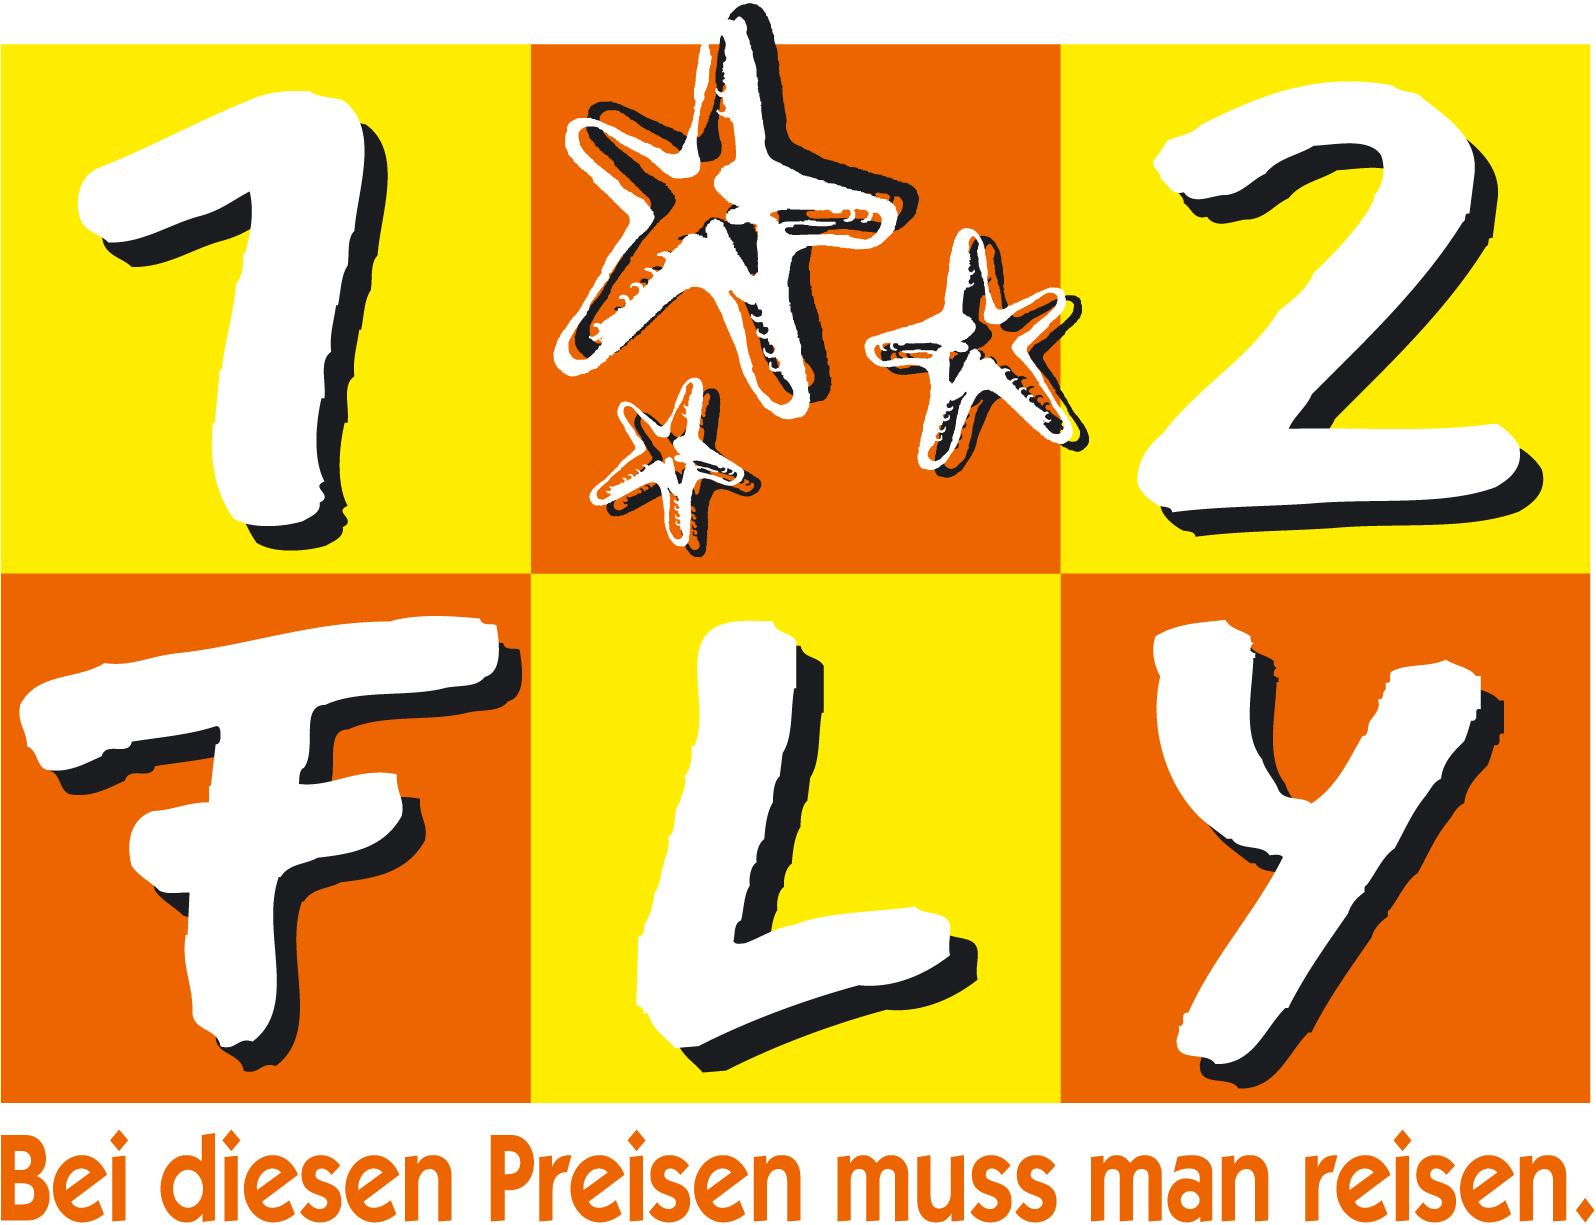 1 2 FLY